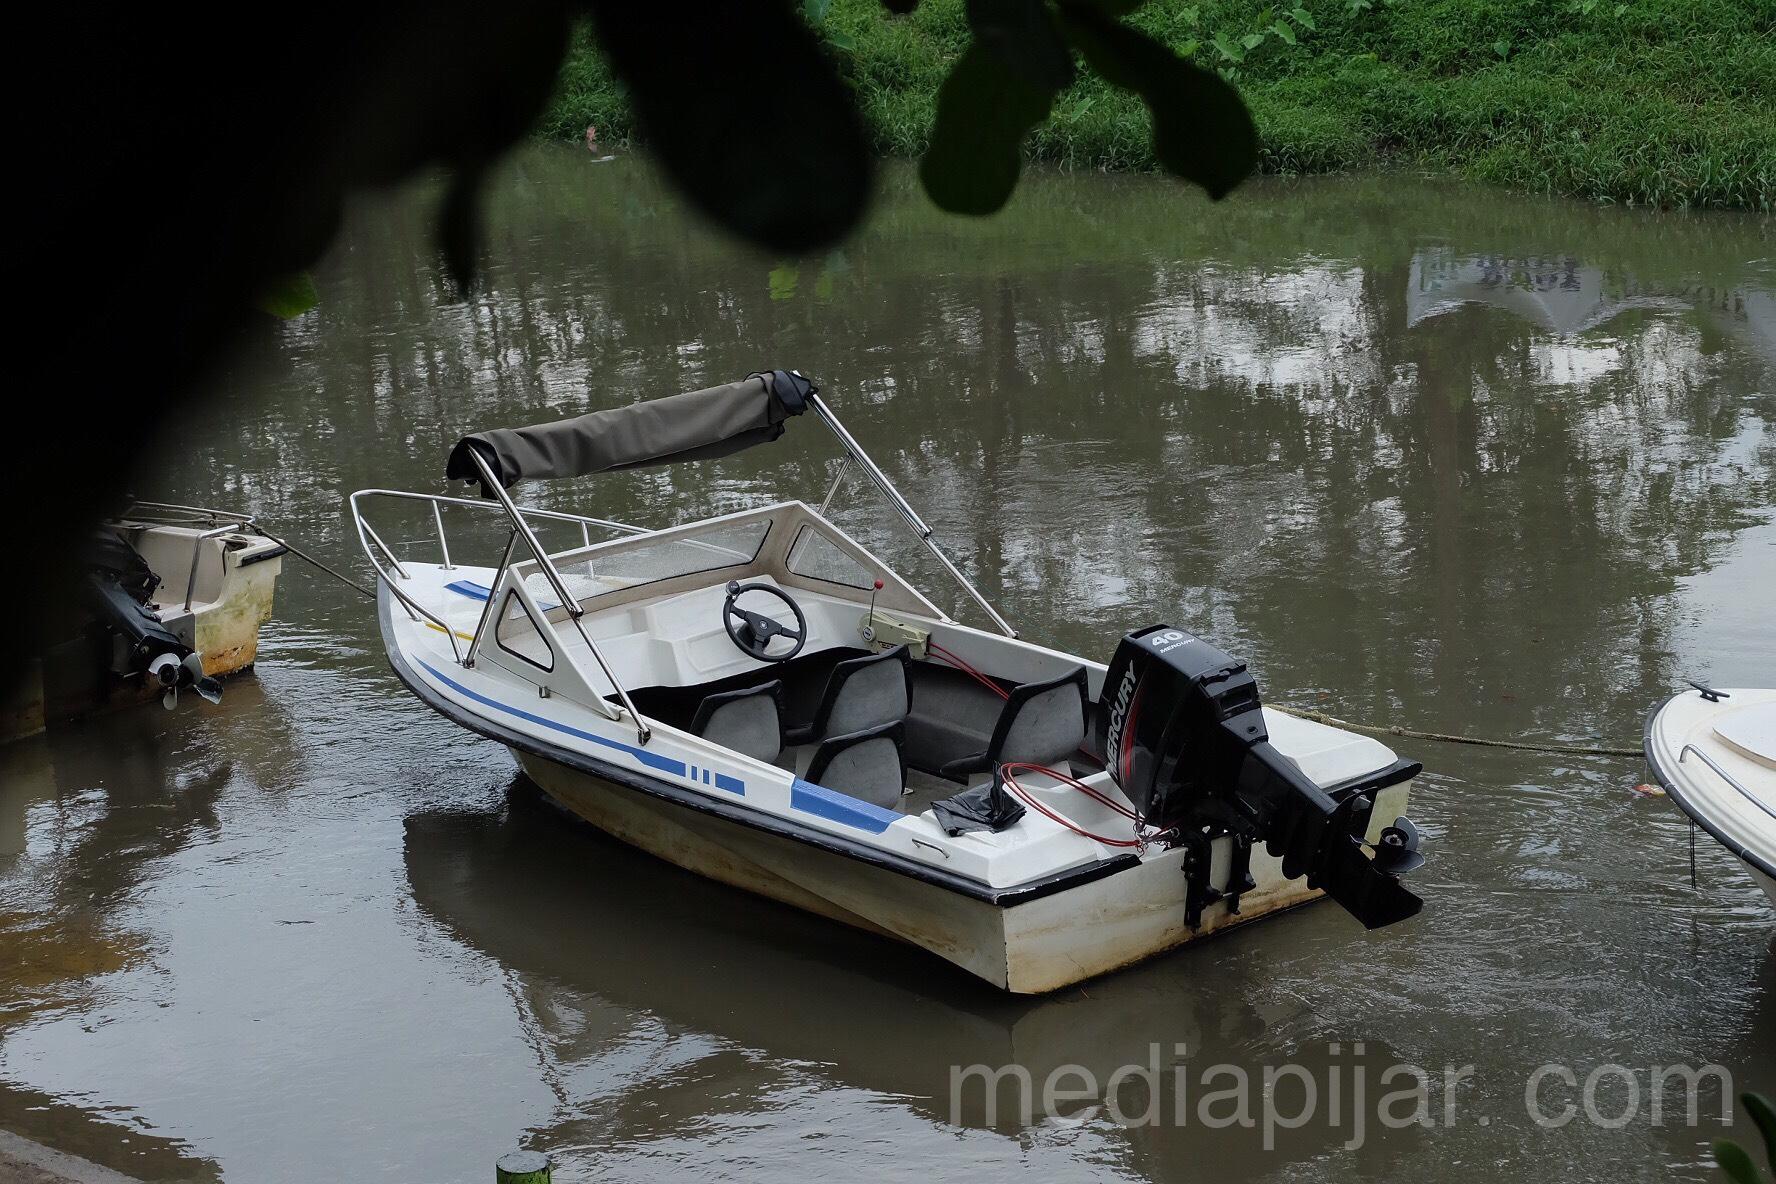 Perahu di atas air, mengapung dengan sangat tenang. (Fotografer: Putri Arum Marzura)